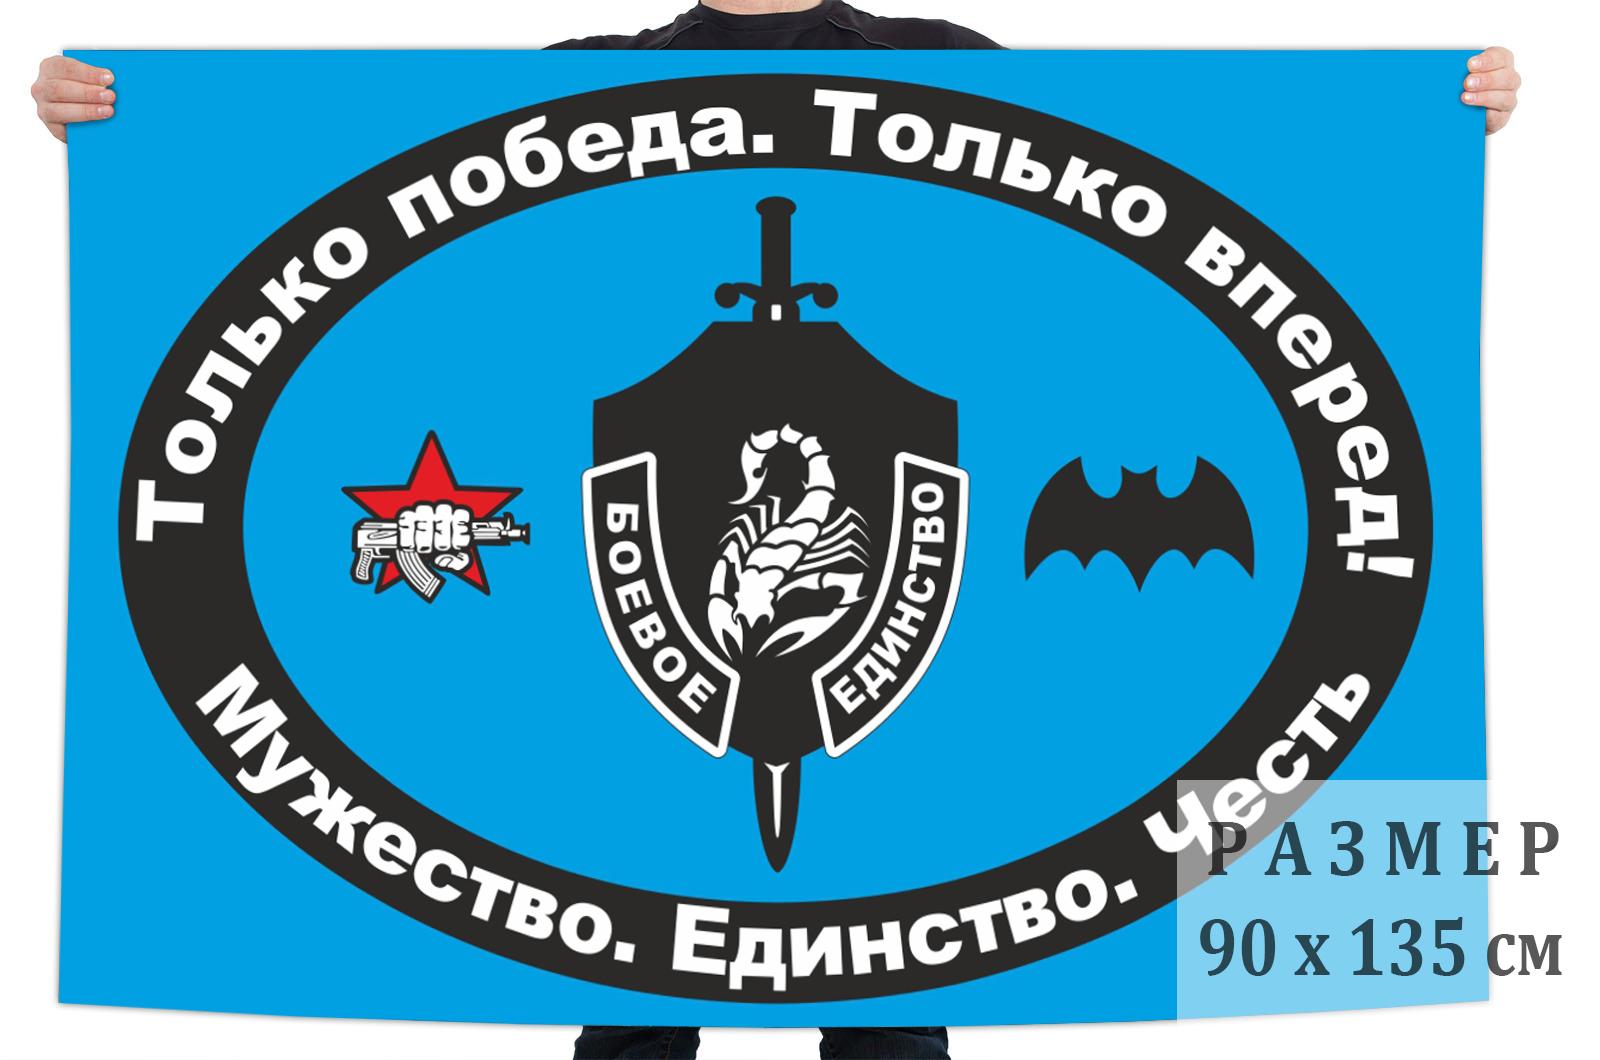 Купить в интернет магазине флаг фонда ветеранов «Боевое единство»